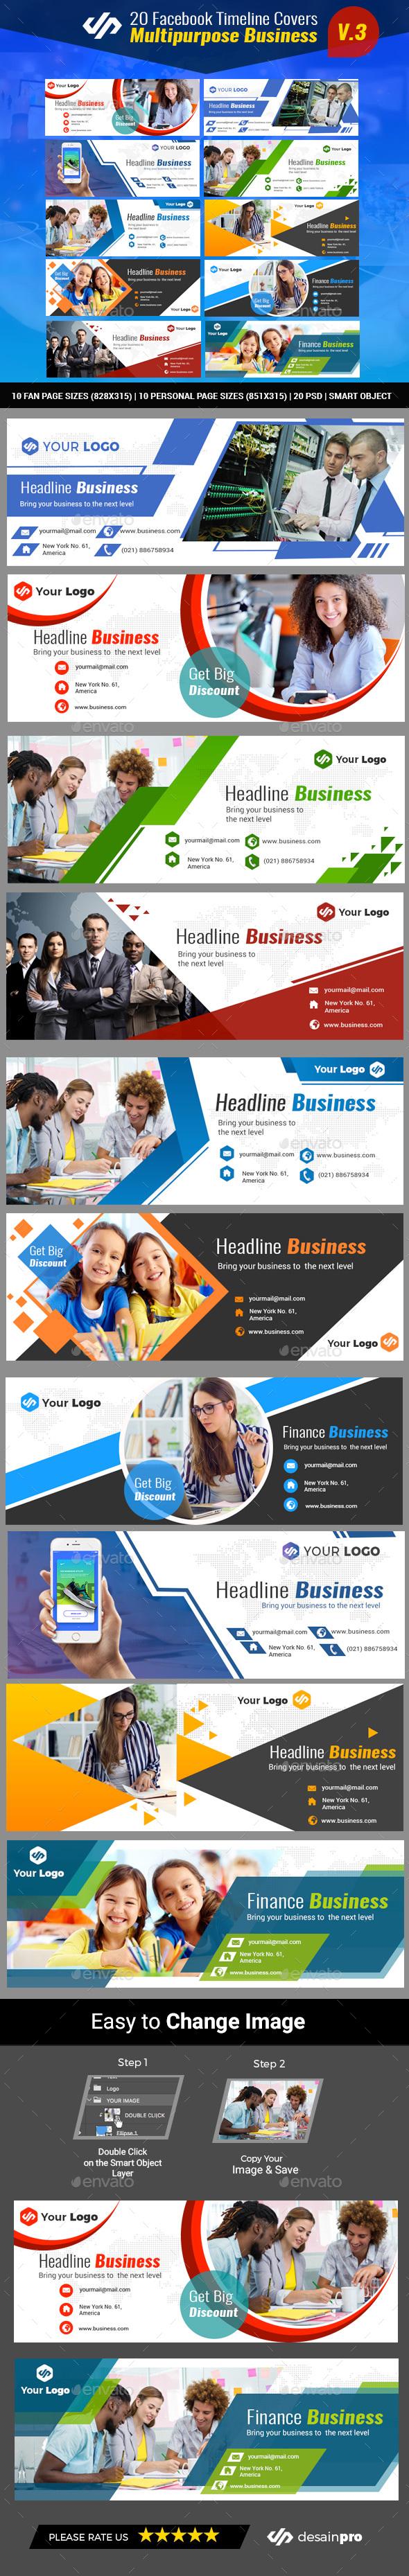 20 Facebook Timeline Covers V3 - Facebook Timeline Covers Social Media